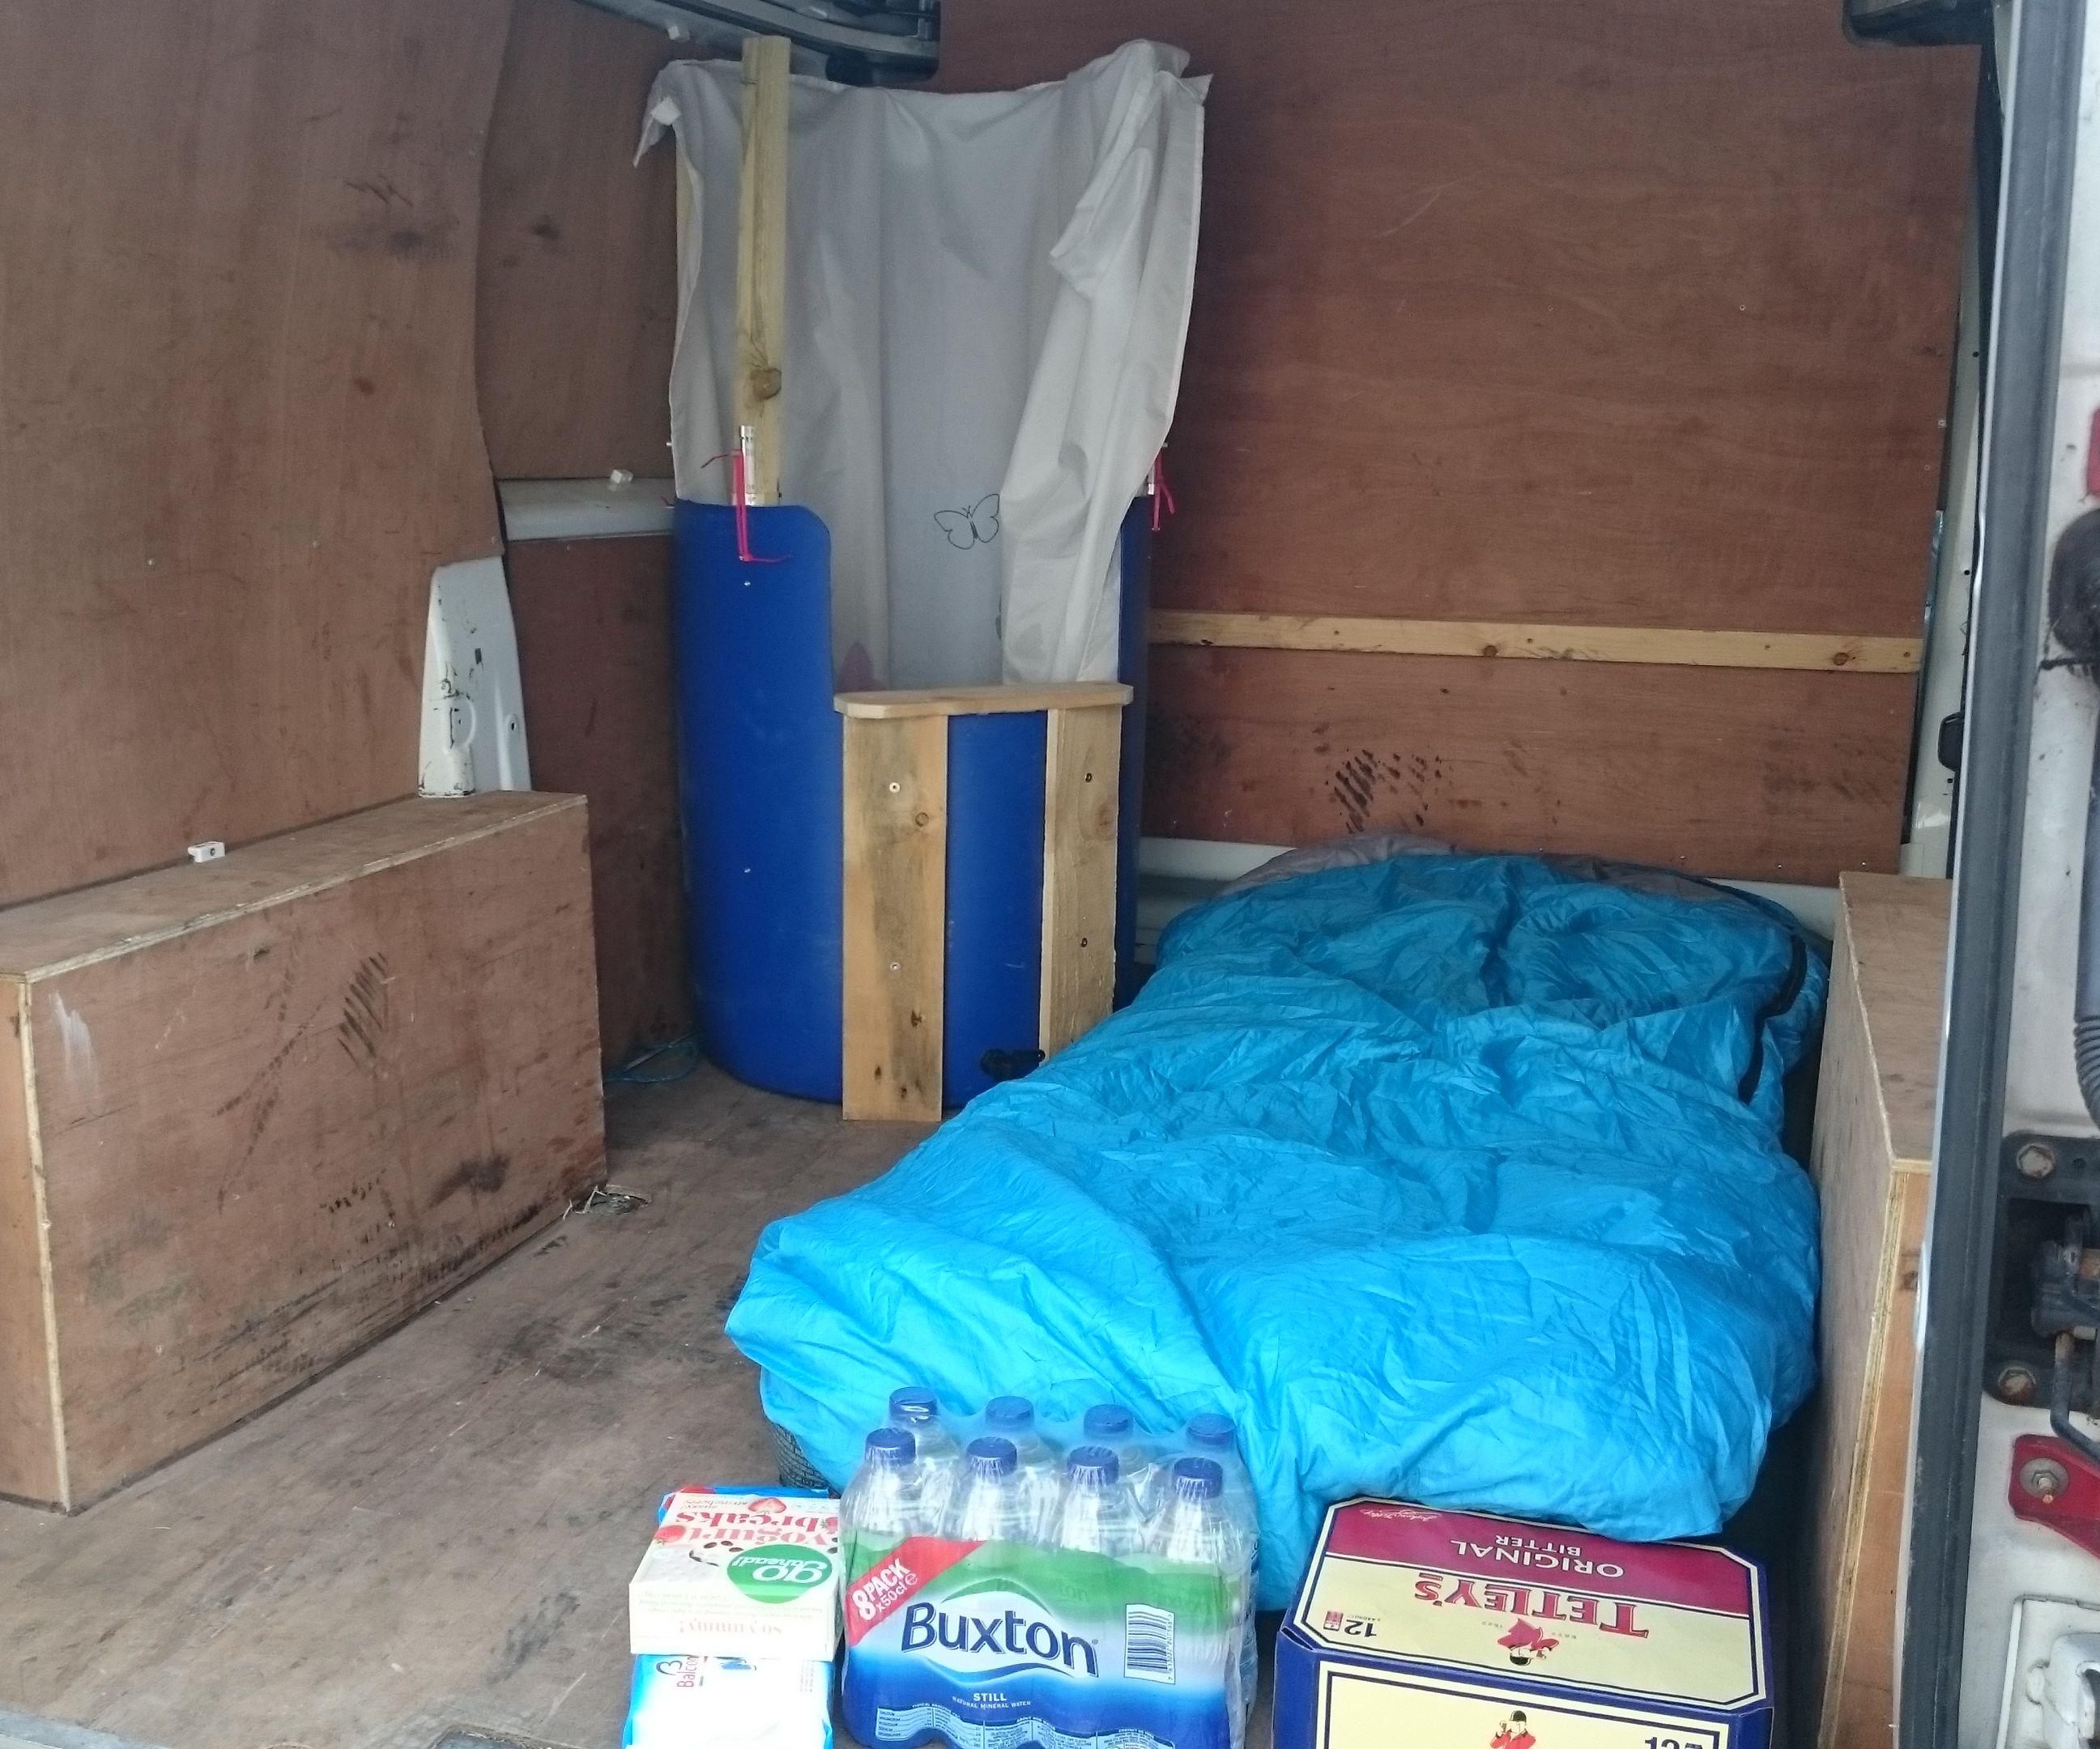 Camping van shower